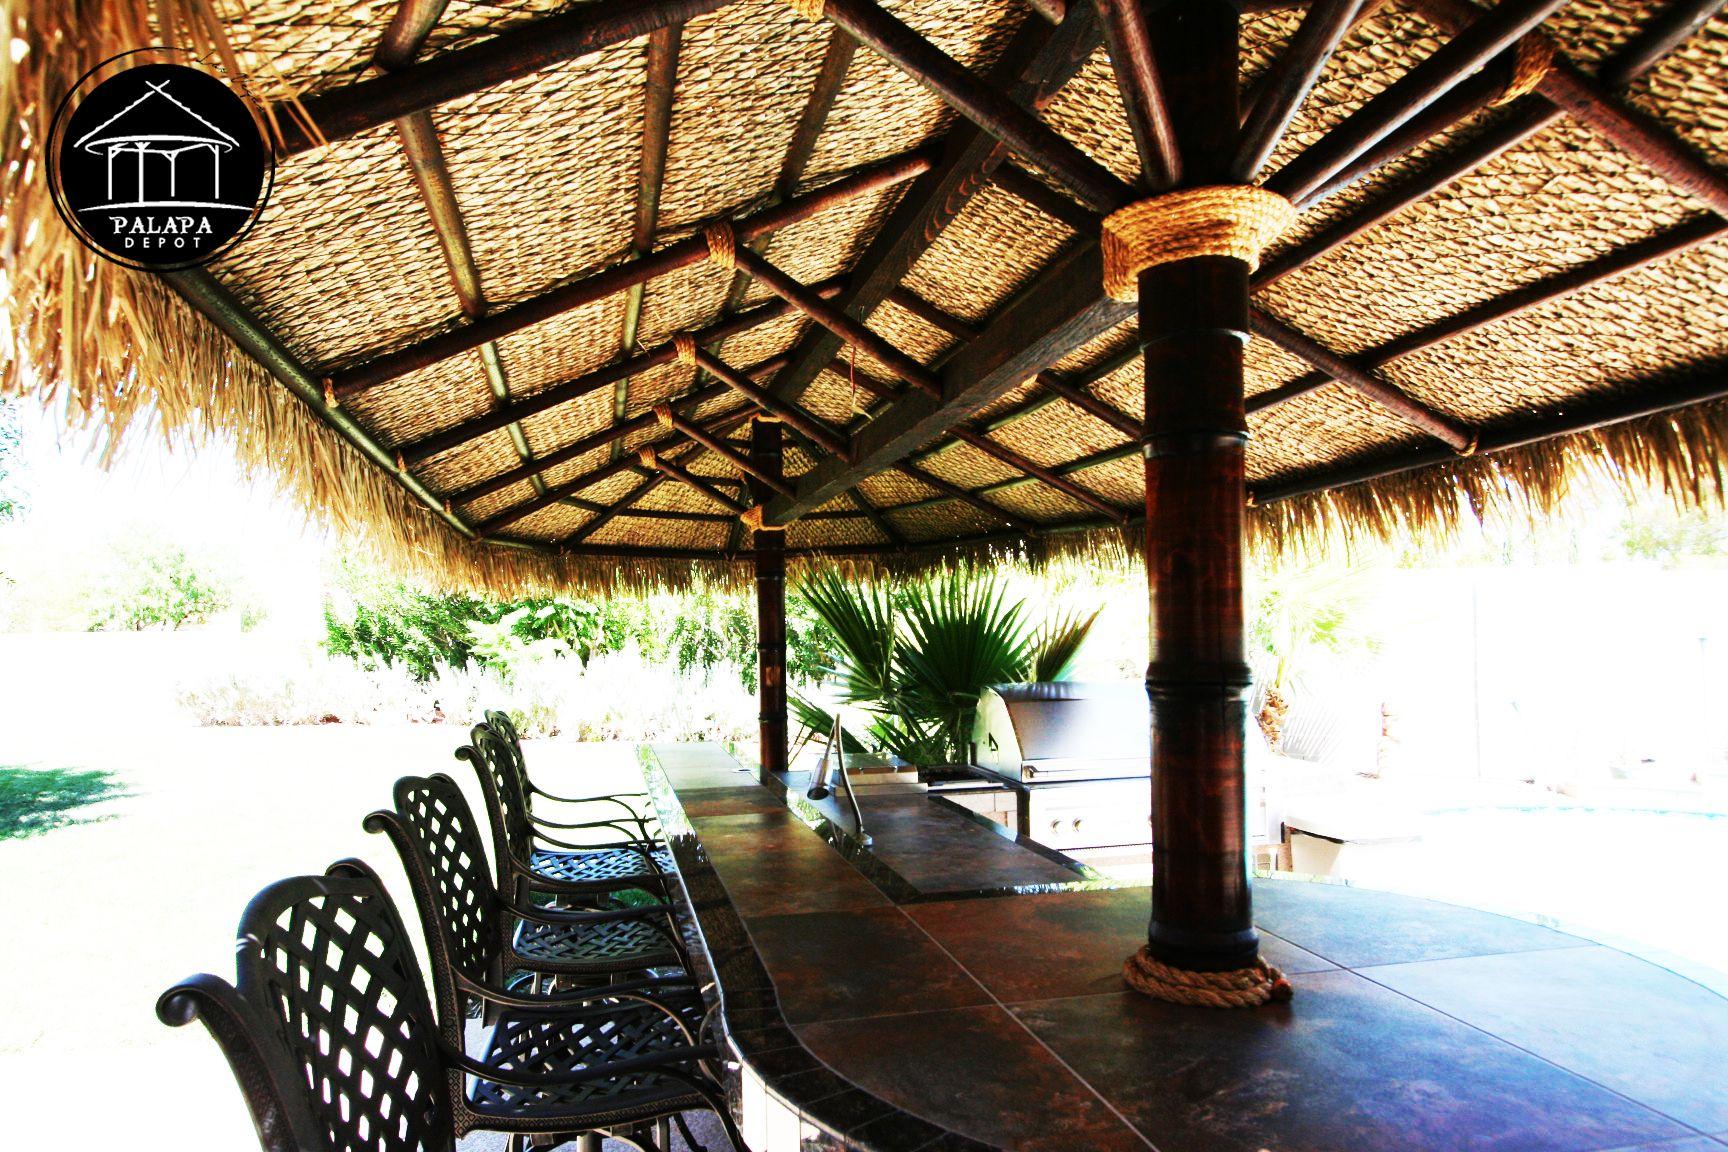 Tiki hut made by Palapa Depot - www.palapadepot.com ...